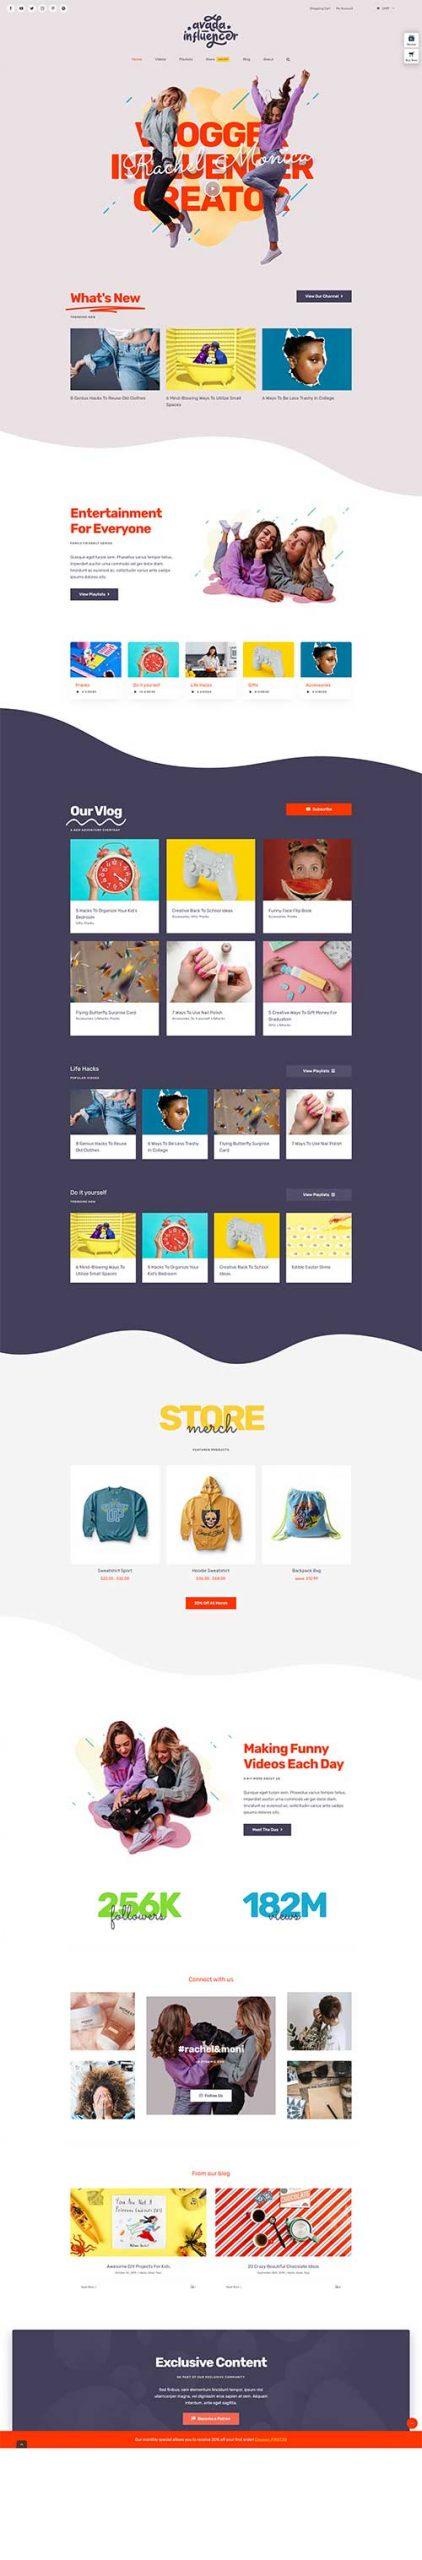 Giao Diện Web Shop Thời Trang Nữ Bắt Mắt